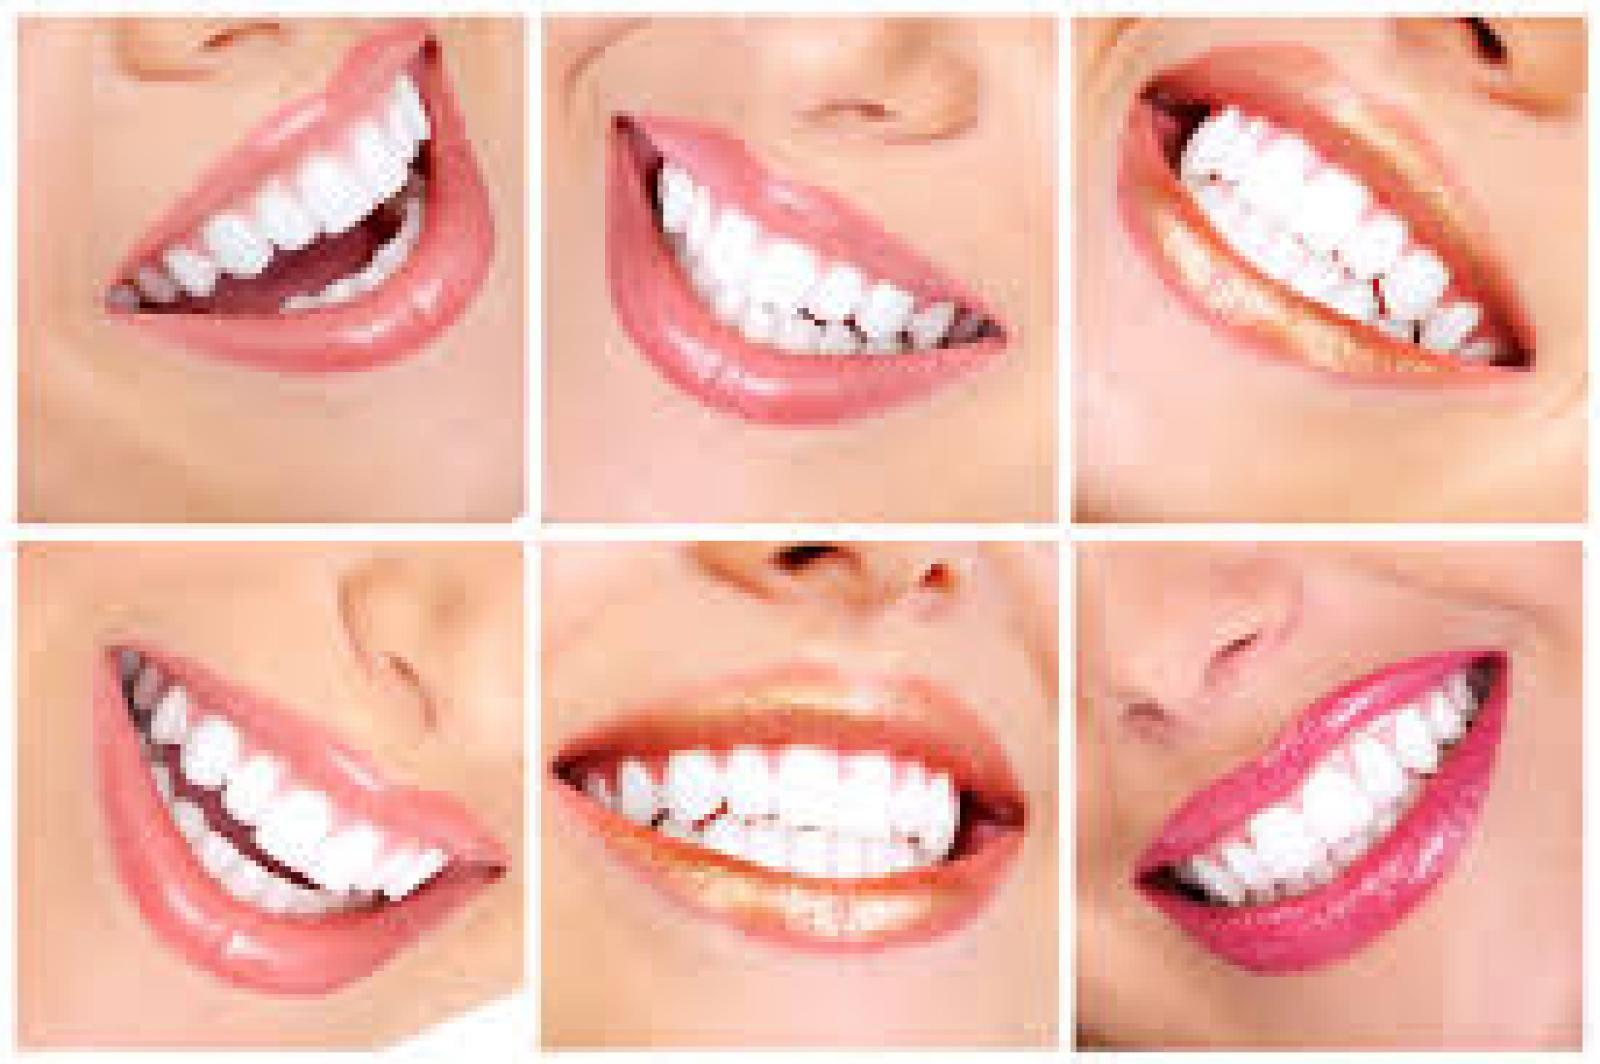 Sahoo S Dental Clinic